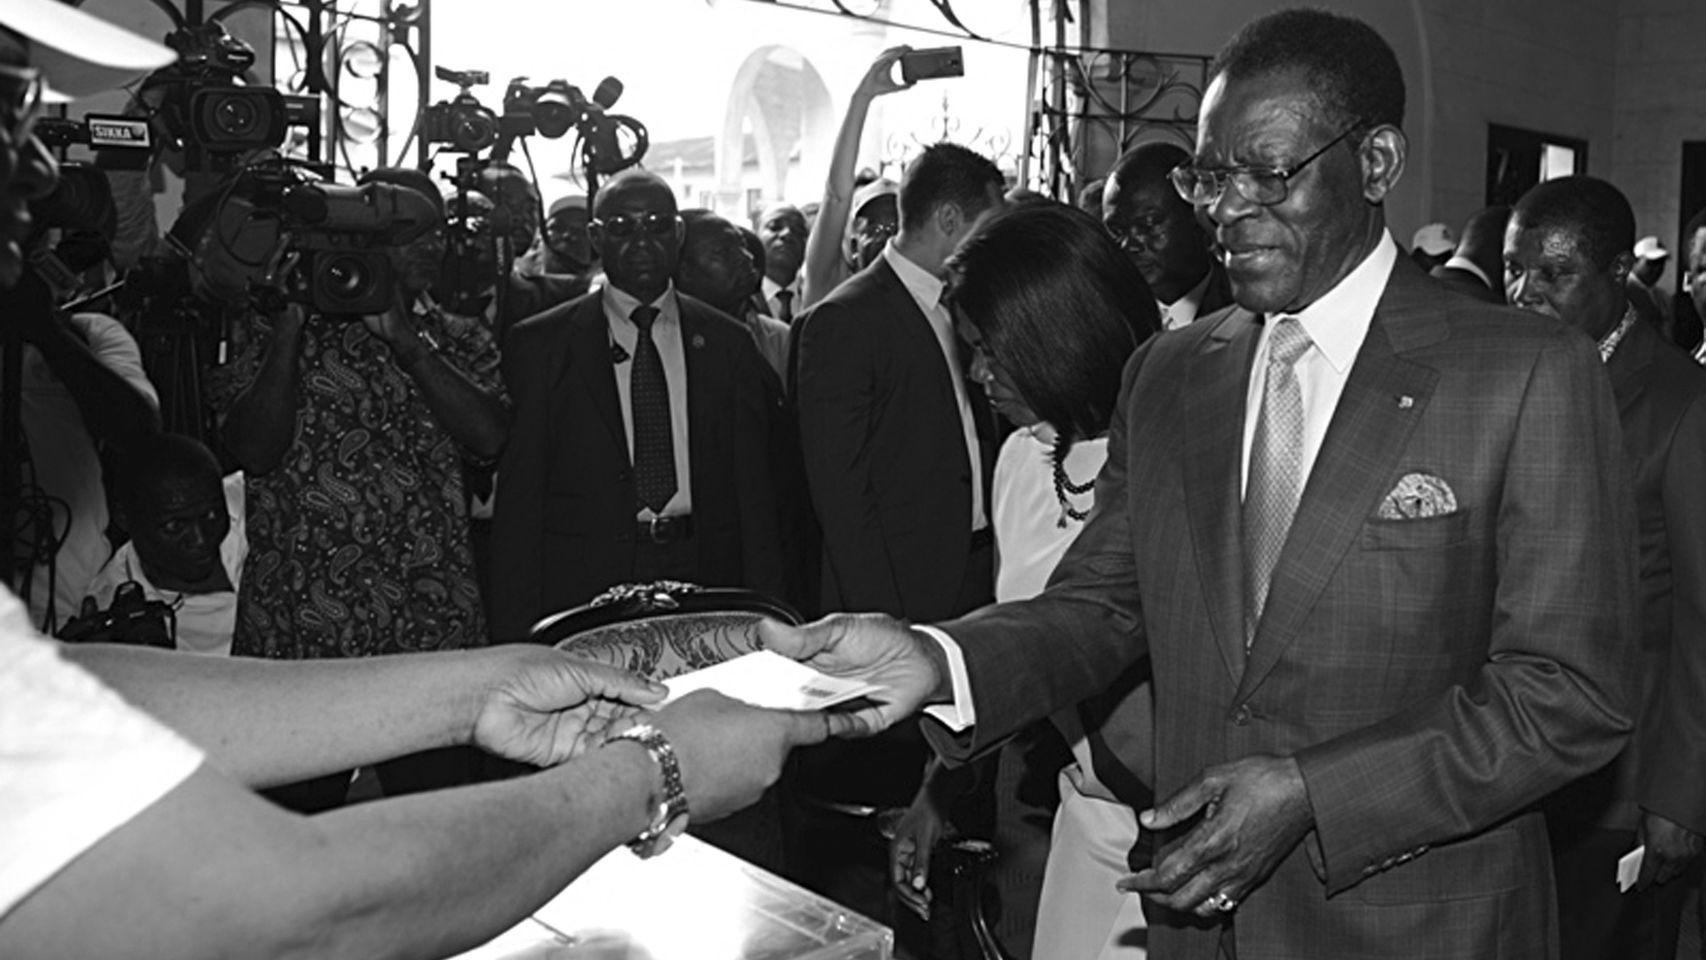 Teodoro-Obiang-elecciones-Guinea-Ecuatorial_119750061_4110244_1706x960-ConvertImage